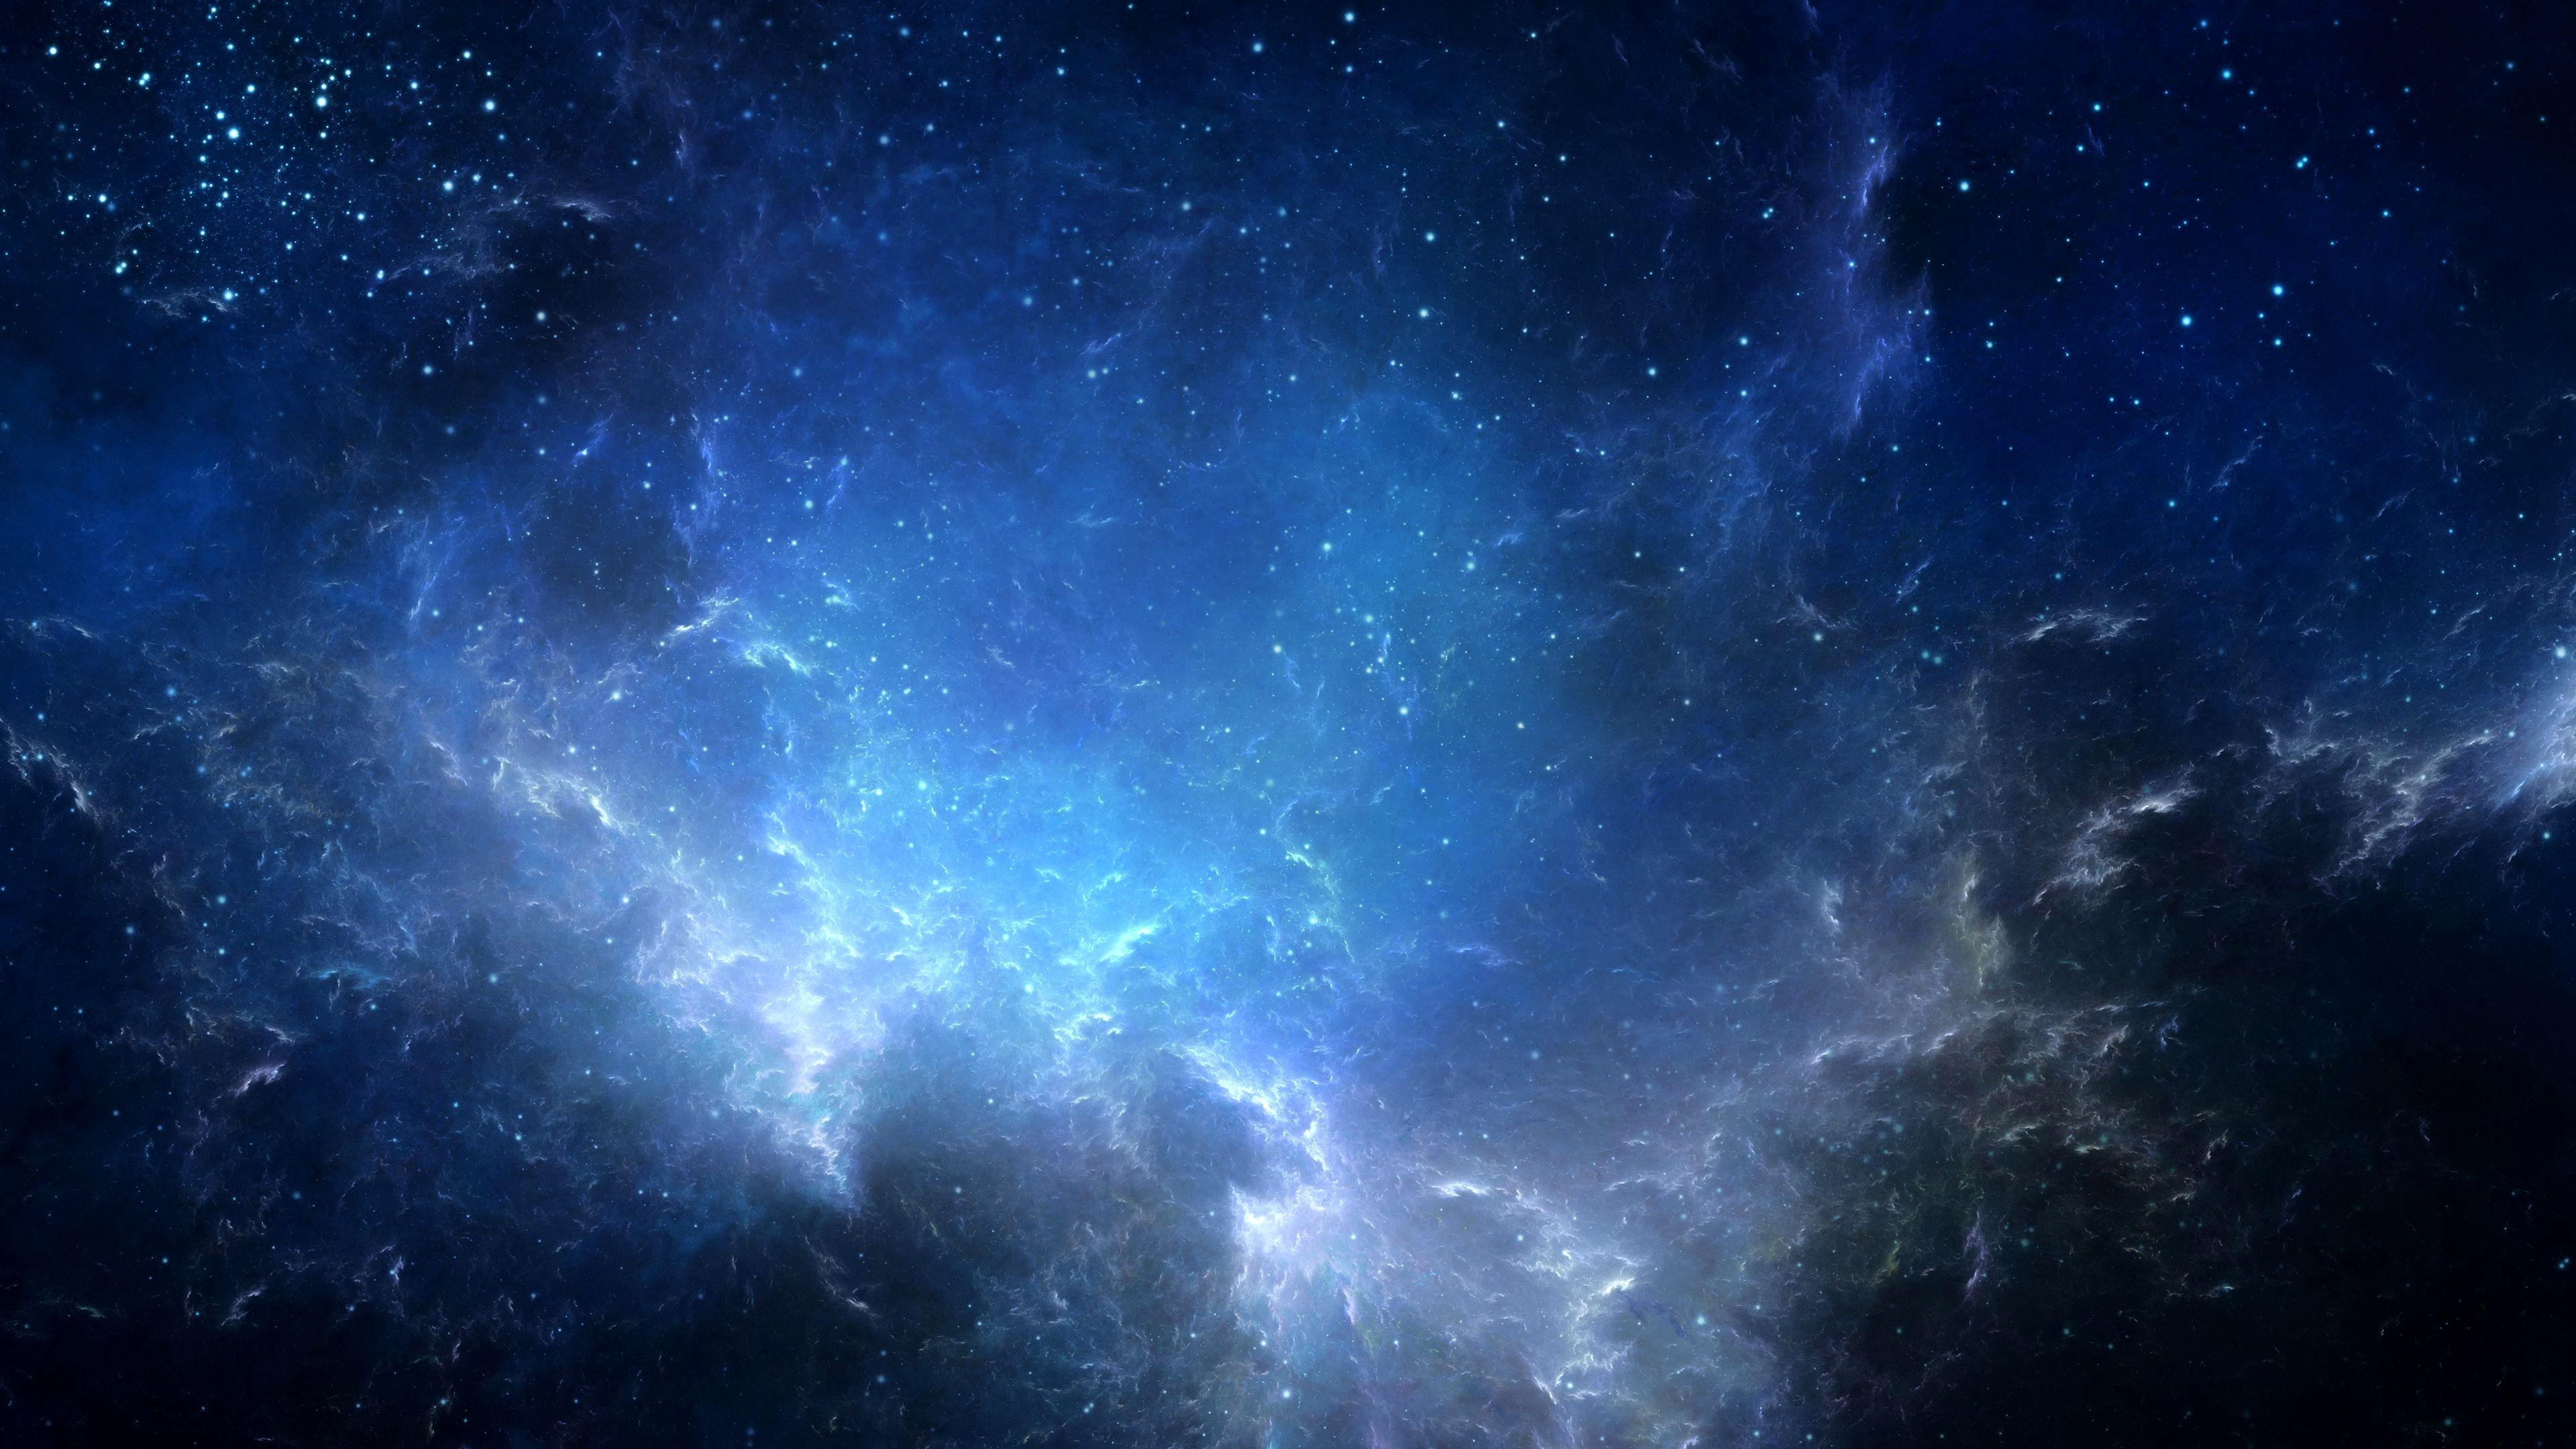 4k Wallpaper Of Space Trick Nebula Langit